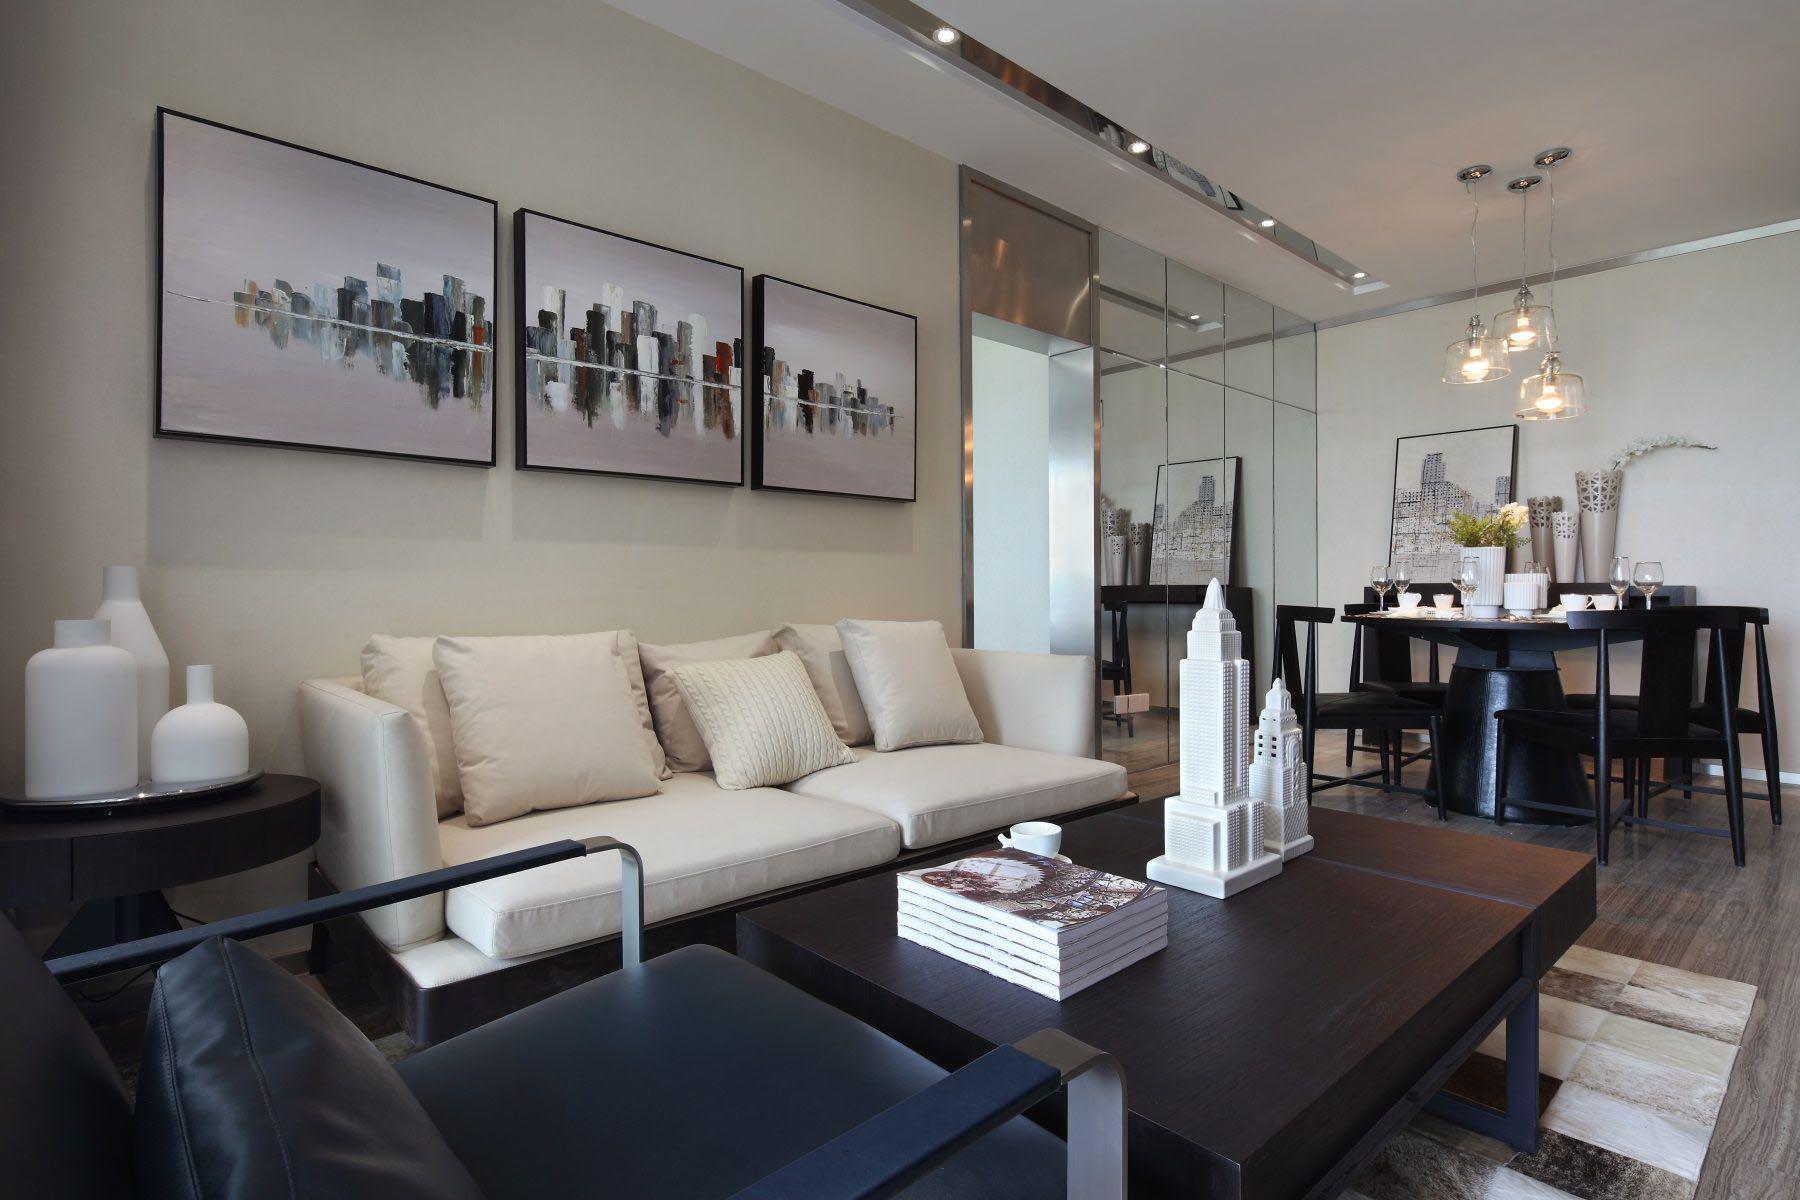 65㎡现代一居室沙发背景墙装修效果图